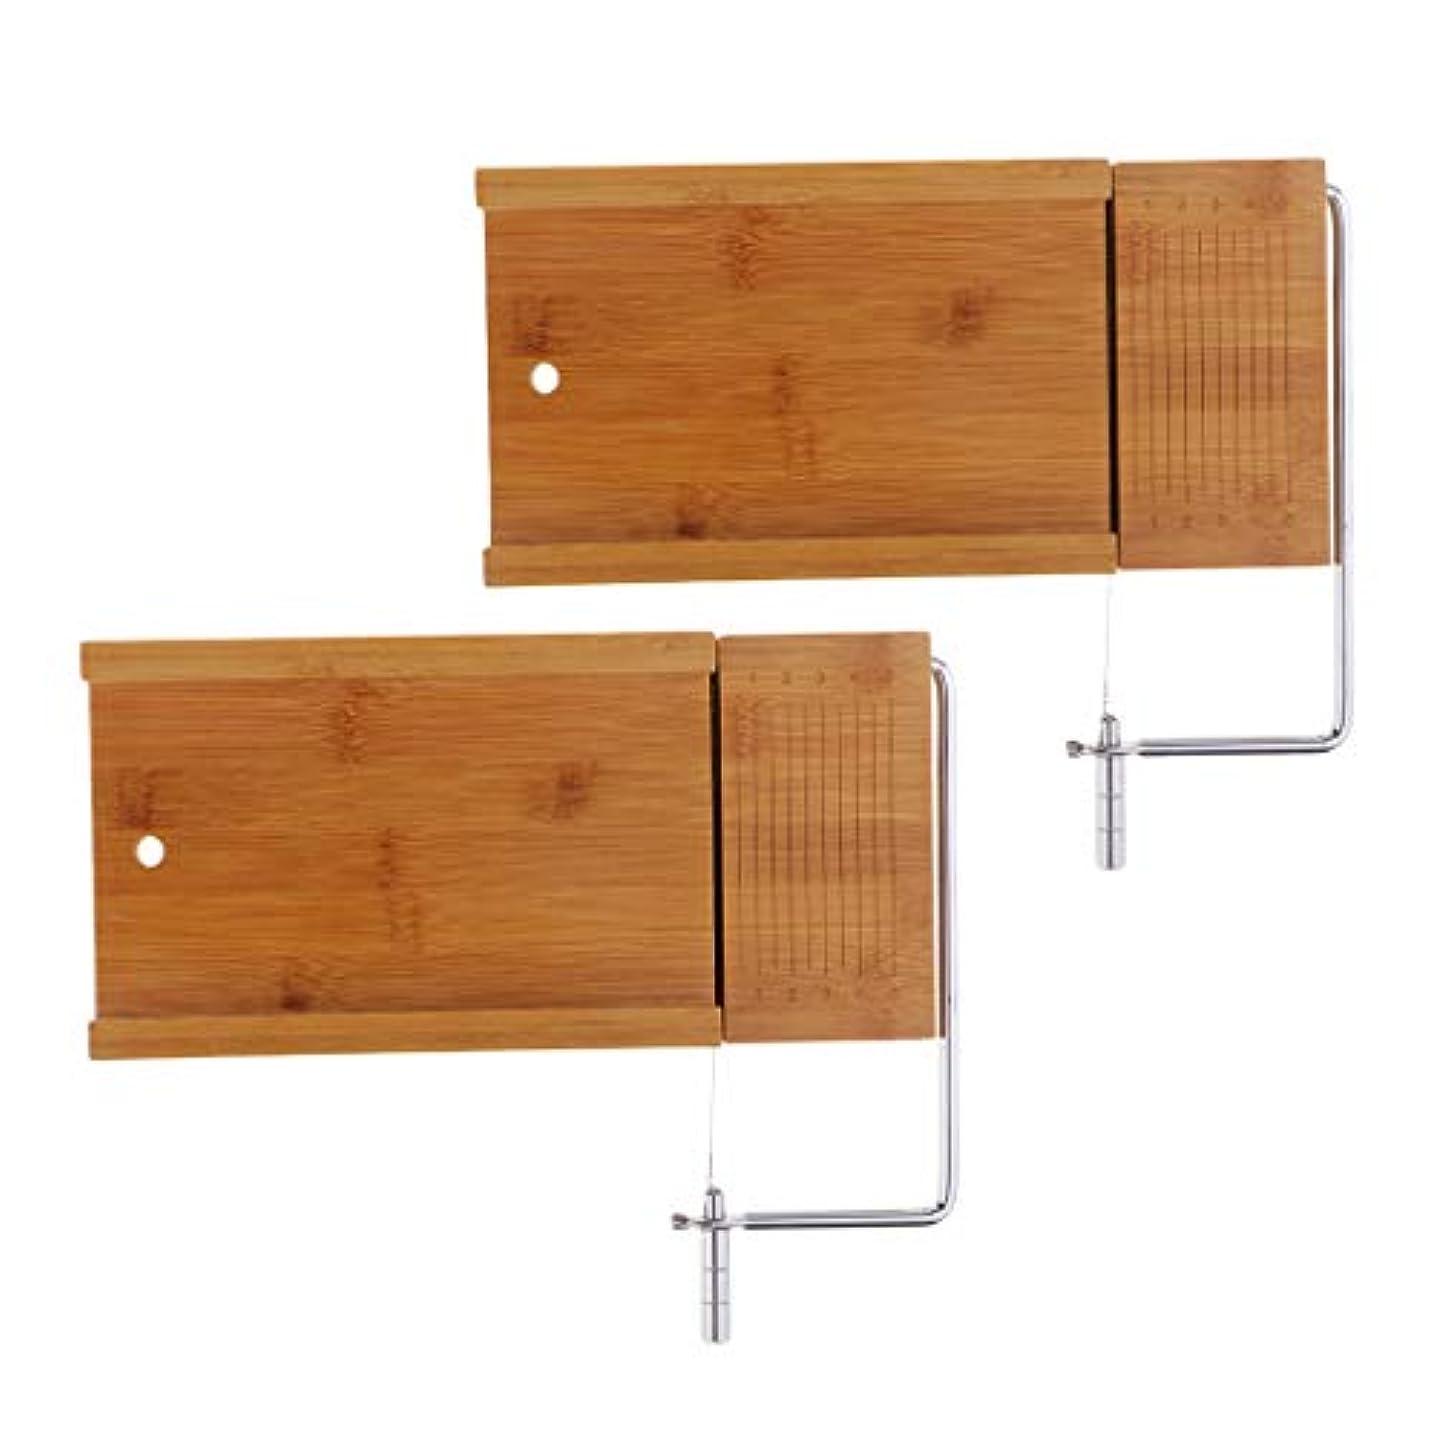 シンポジウムローラーこっそりFenteer 石鹸のカッター 木質 ソープ切削工具 せっけんスライサー ワイヤースライサー ステンレス鋼 2個セット